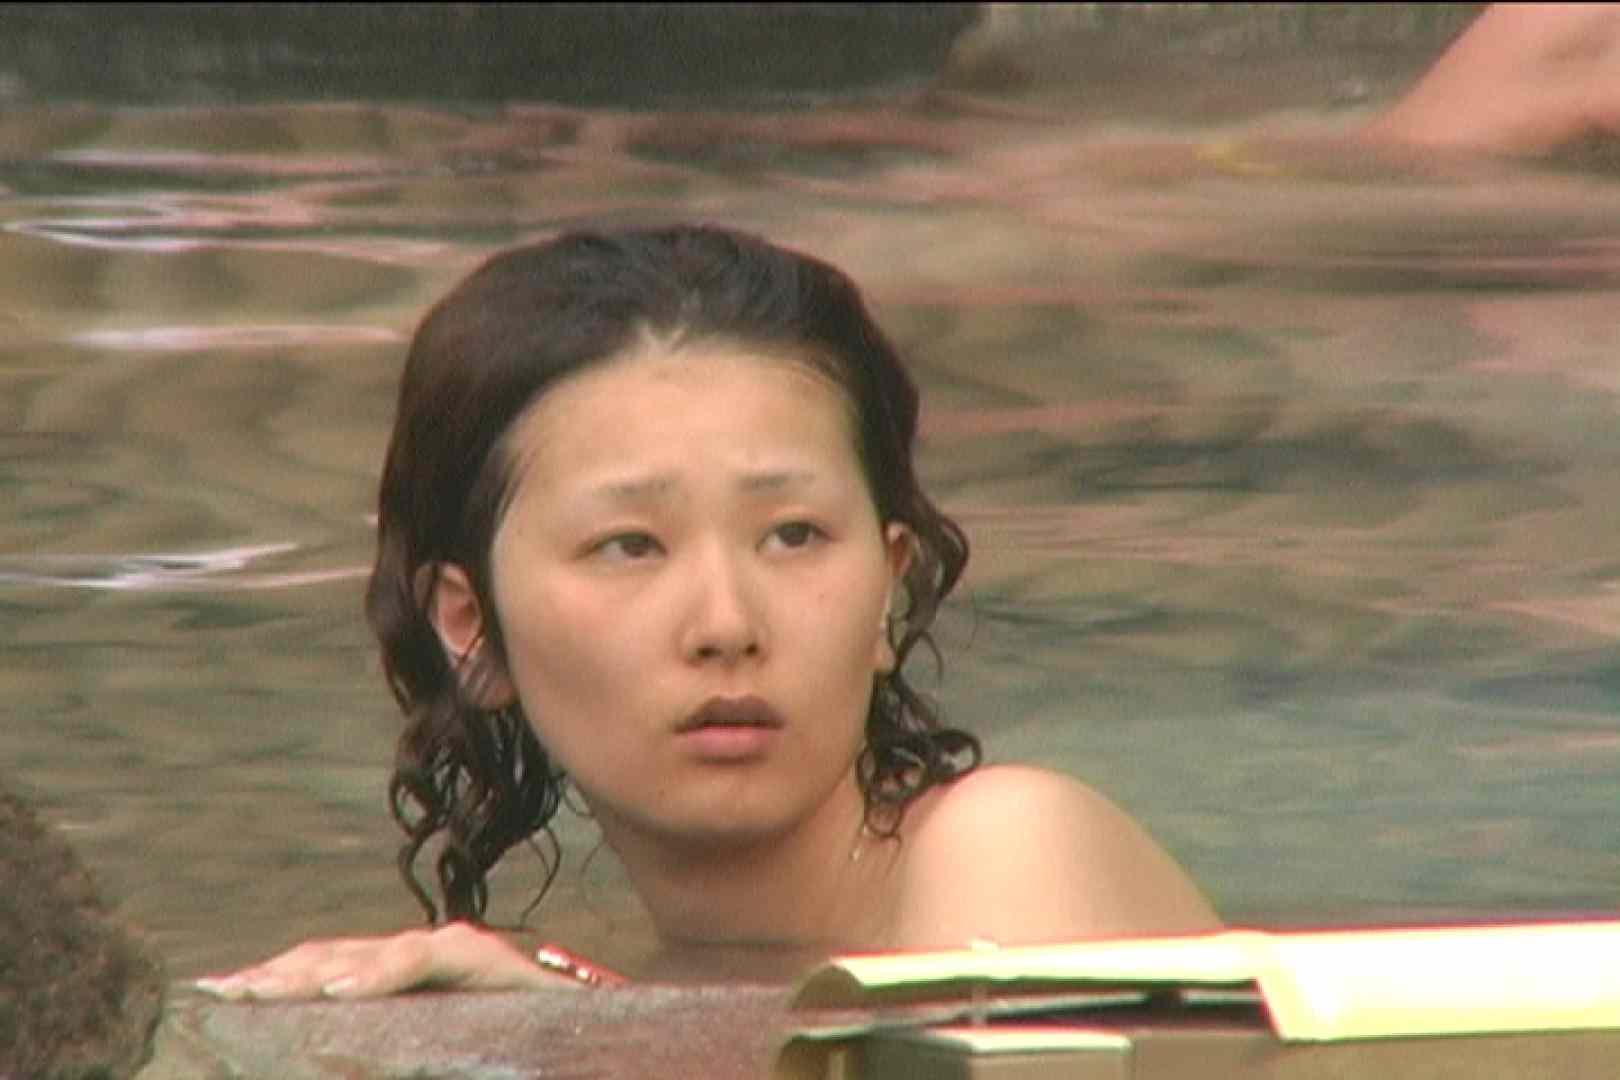 Aquaな露天風呂Vol.131 OLハメ撮り  108Pix 43